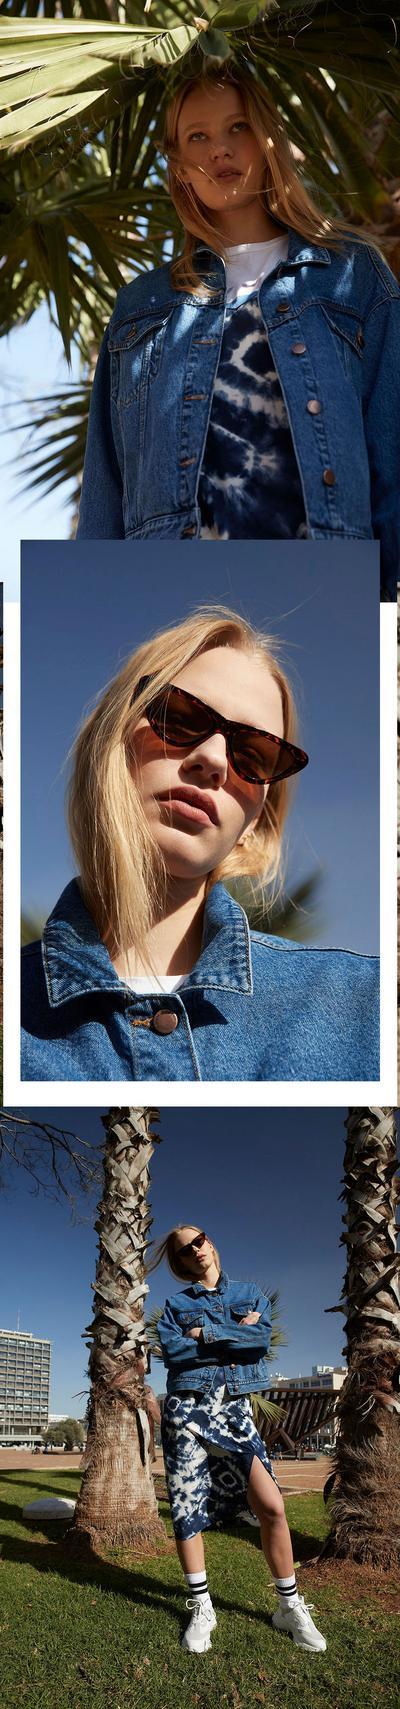 Primark moda feminina imagem Tie-Dye